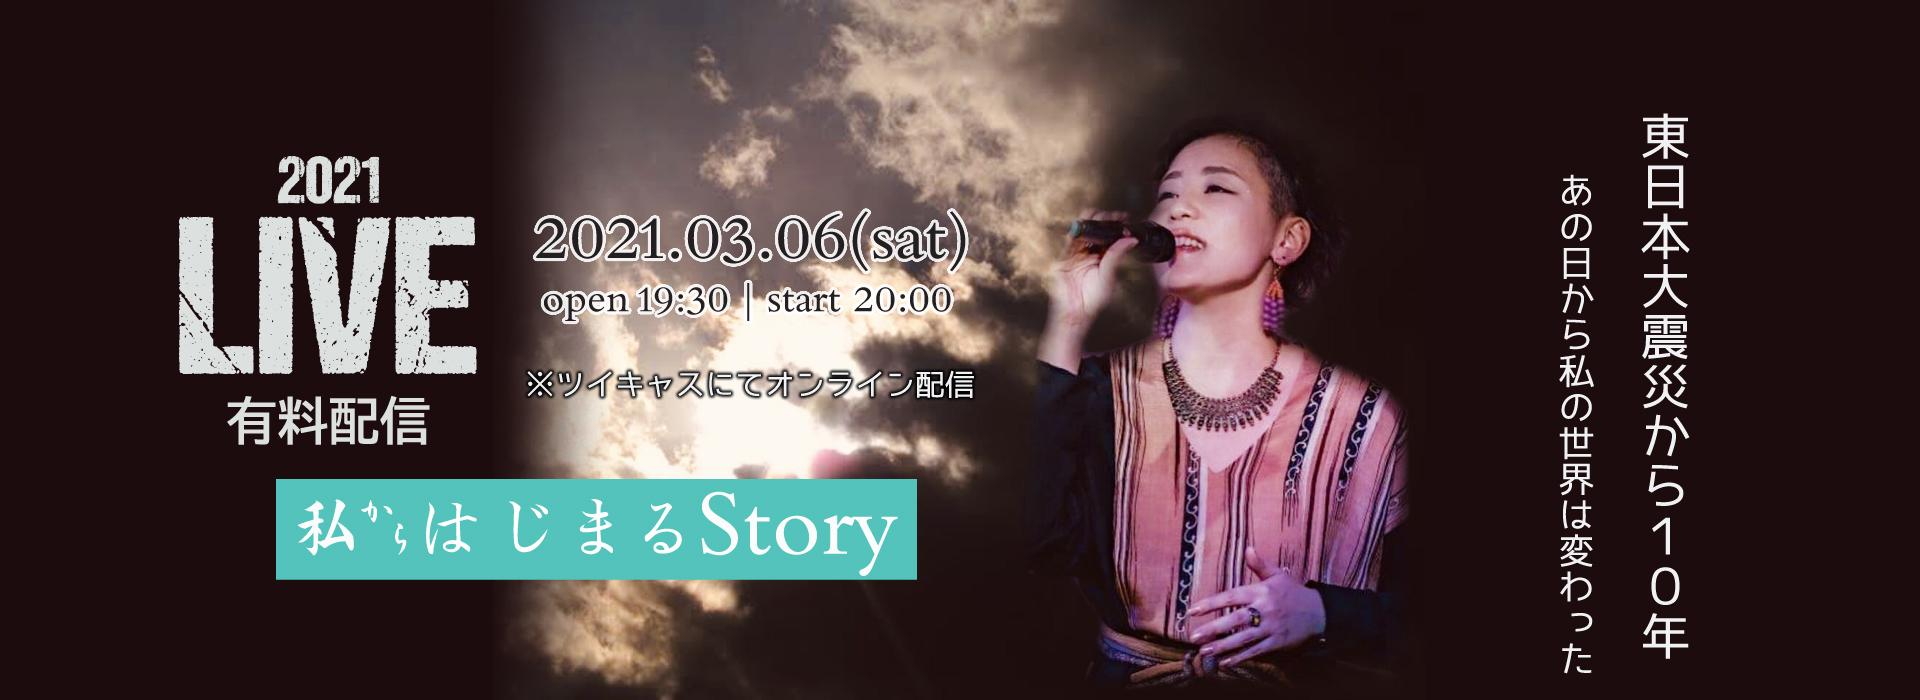 佐野 碧 有料配信LIVE2021-私からはじまるStory-